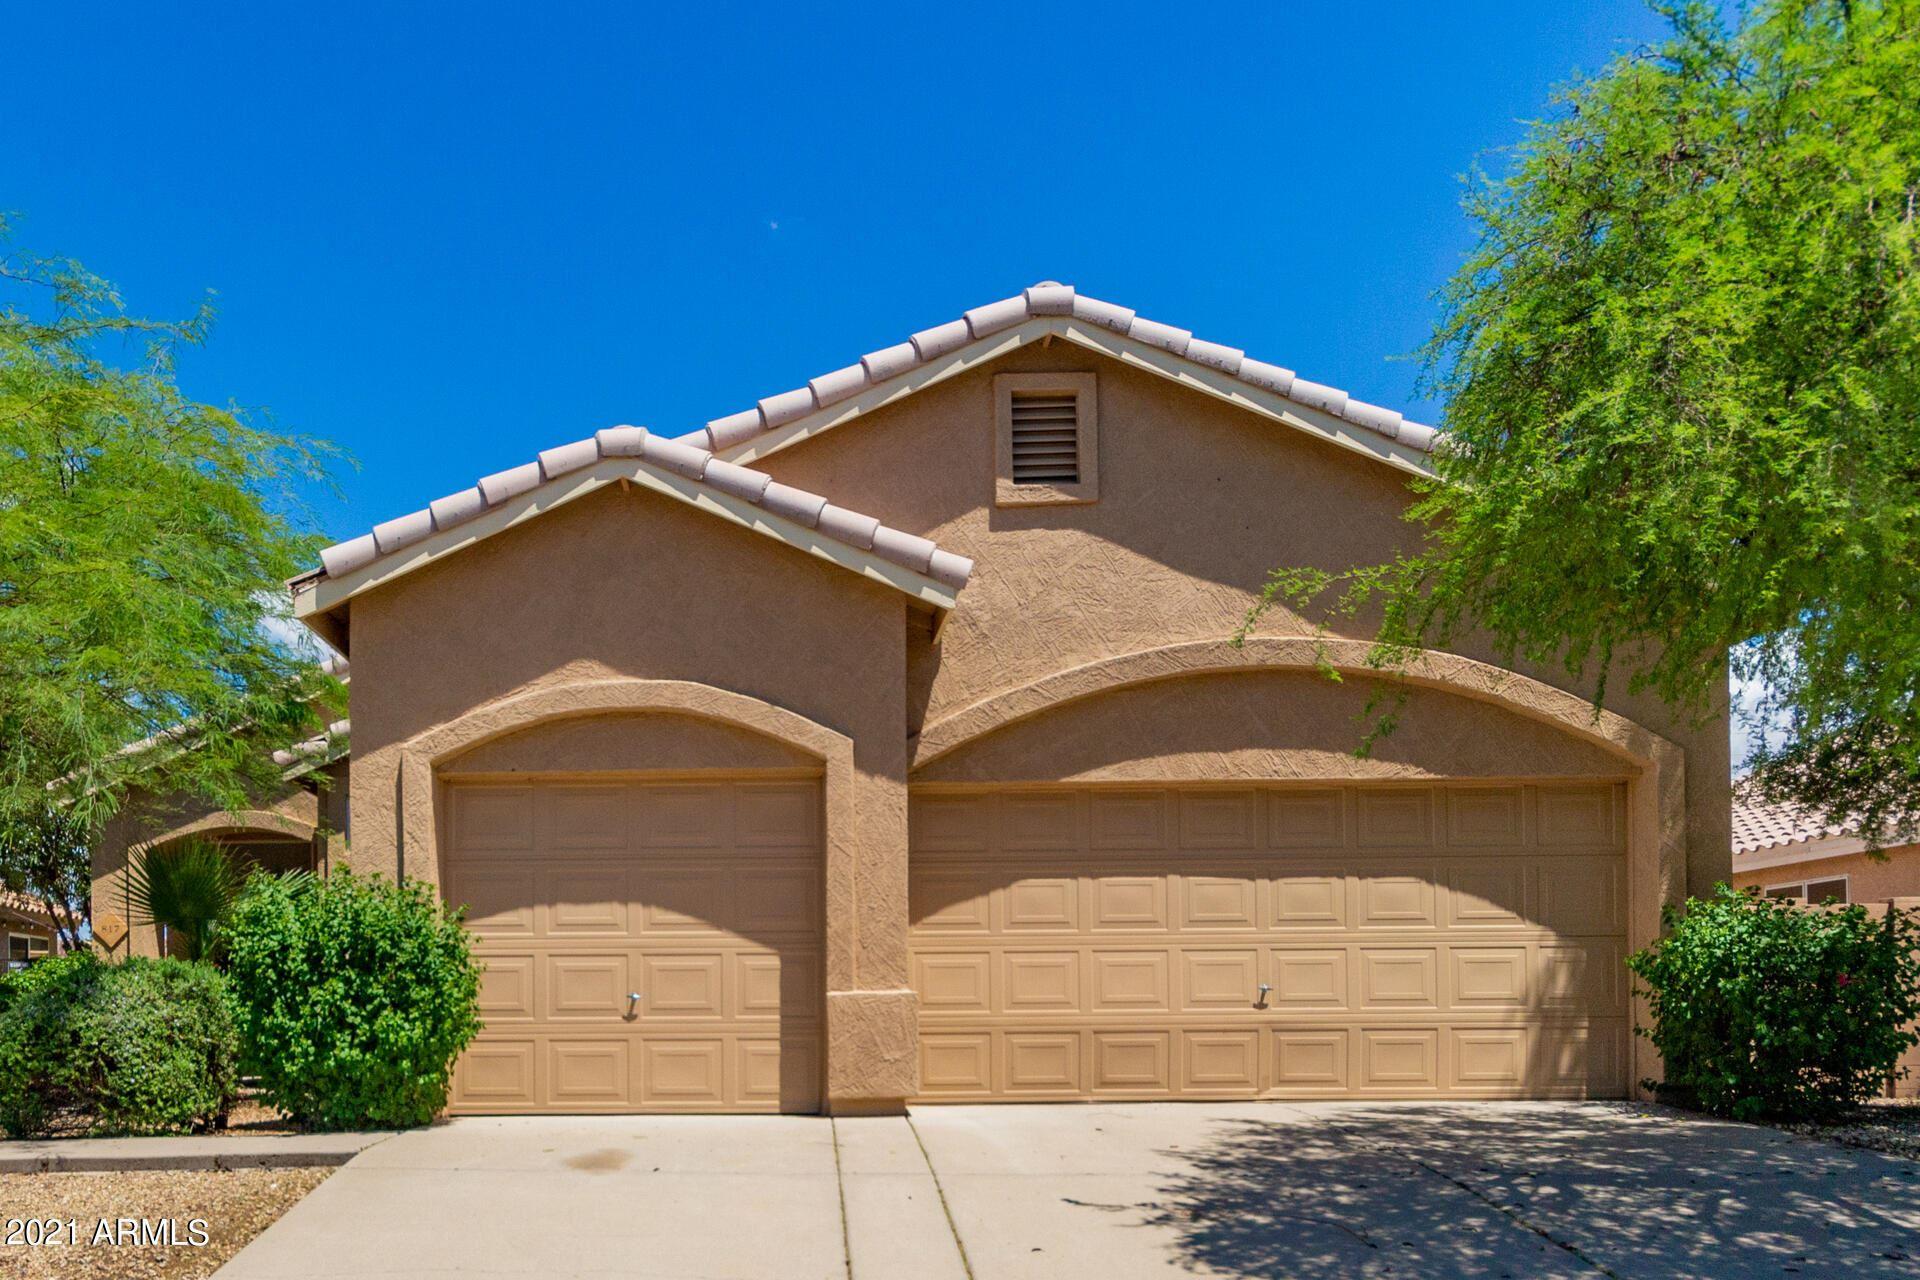 817 S DEL RANCHO Street, Mesa, AZ 85208 - MLS#: 6272603